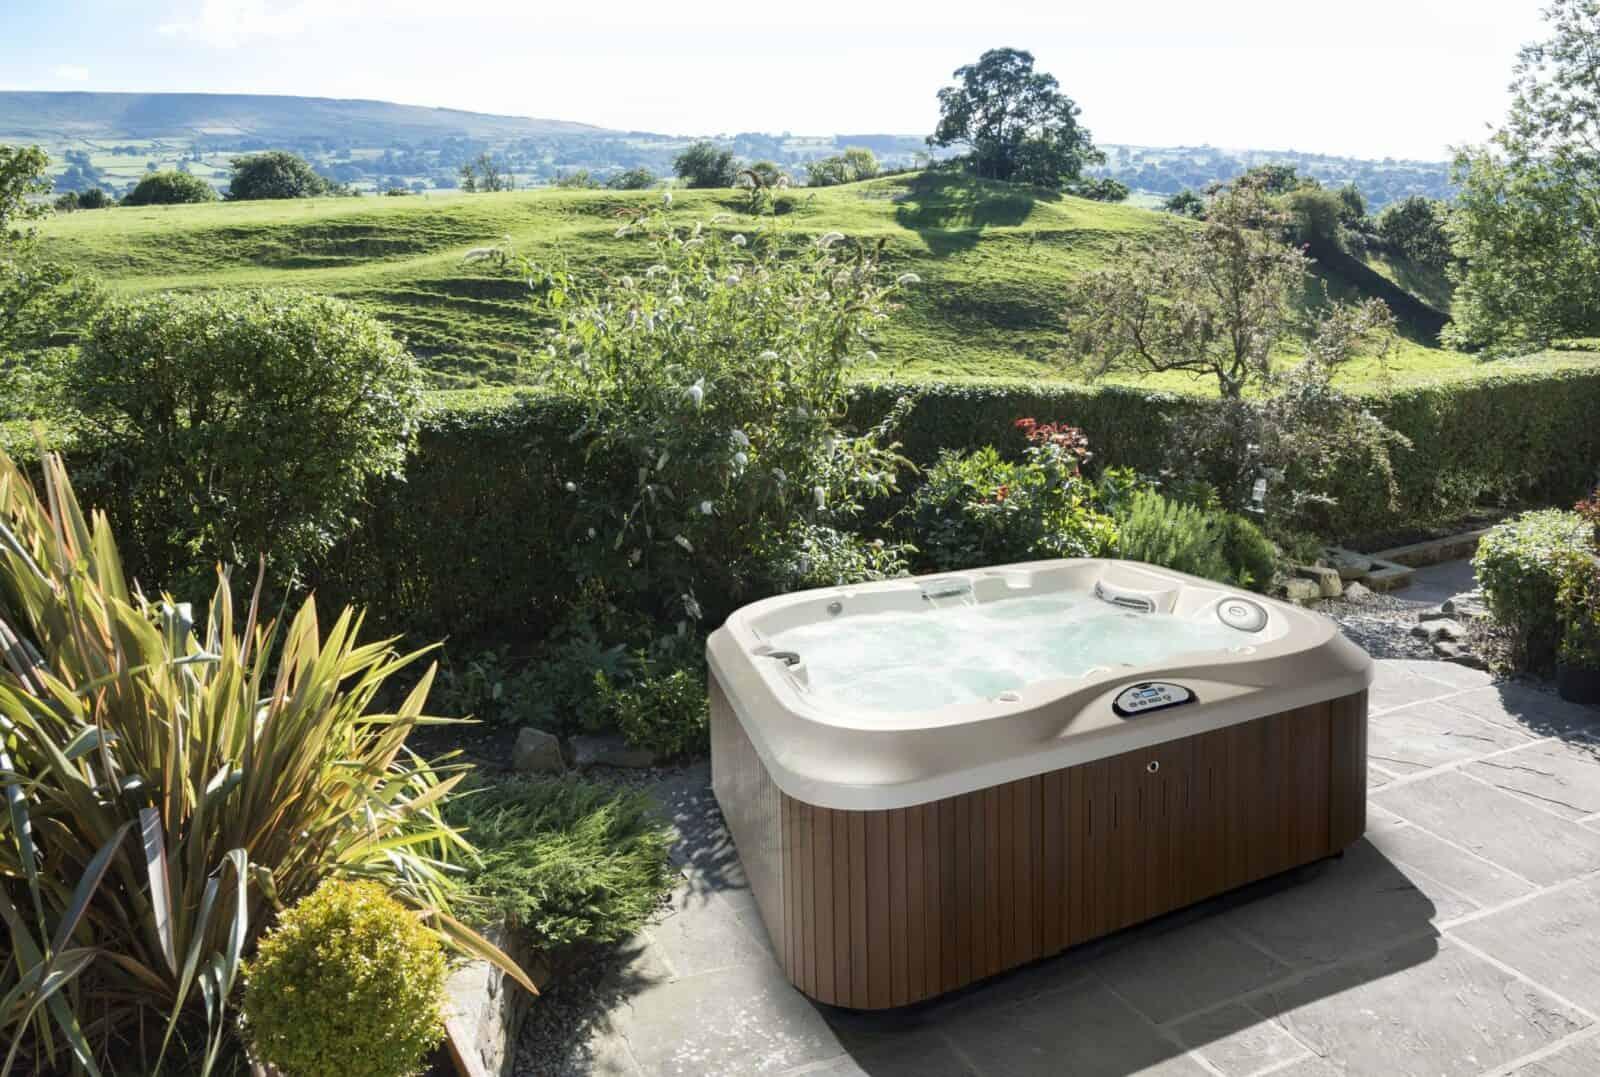 Outdoor Hot Tub Installation